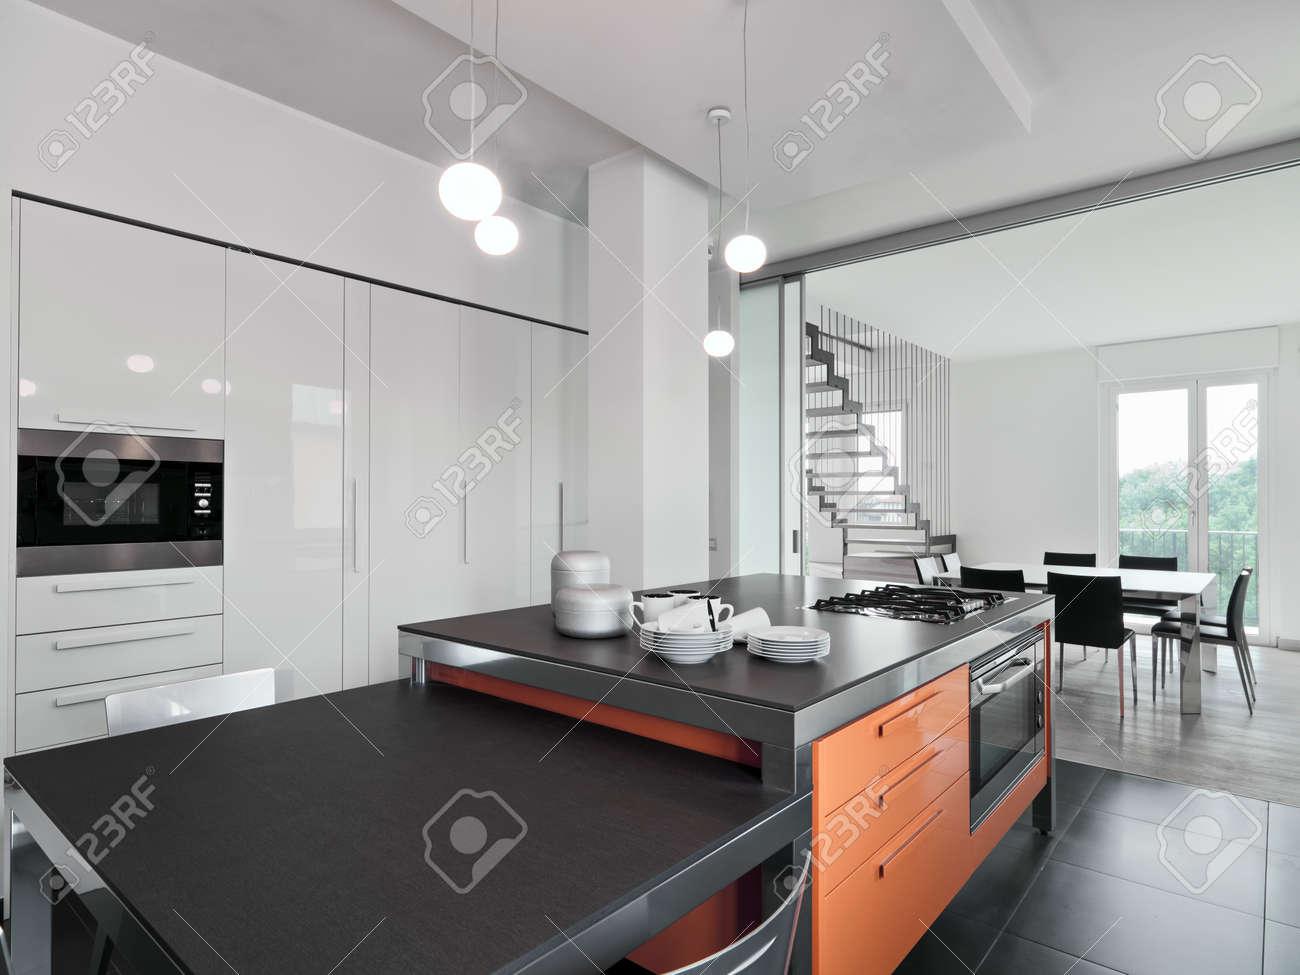 AuBergewohnlich Innenansicht Eines Modernen Küche Mit Kochinsel Mit Blick Auf Das Esszimmer  Standard Bild   49755100